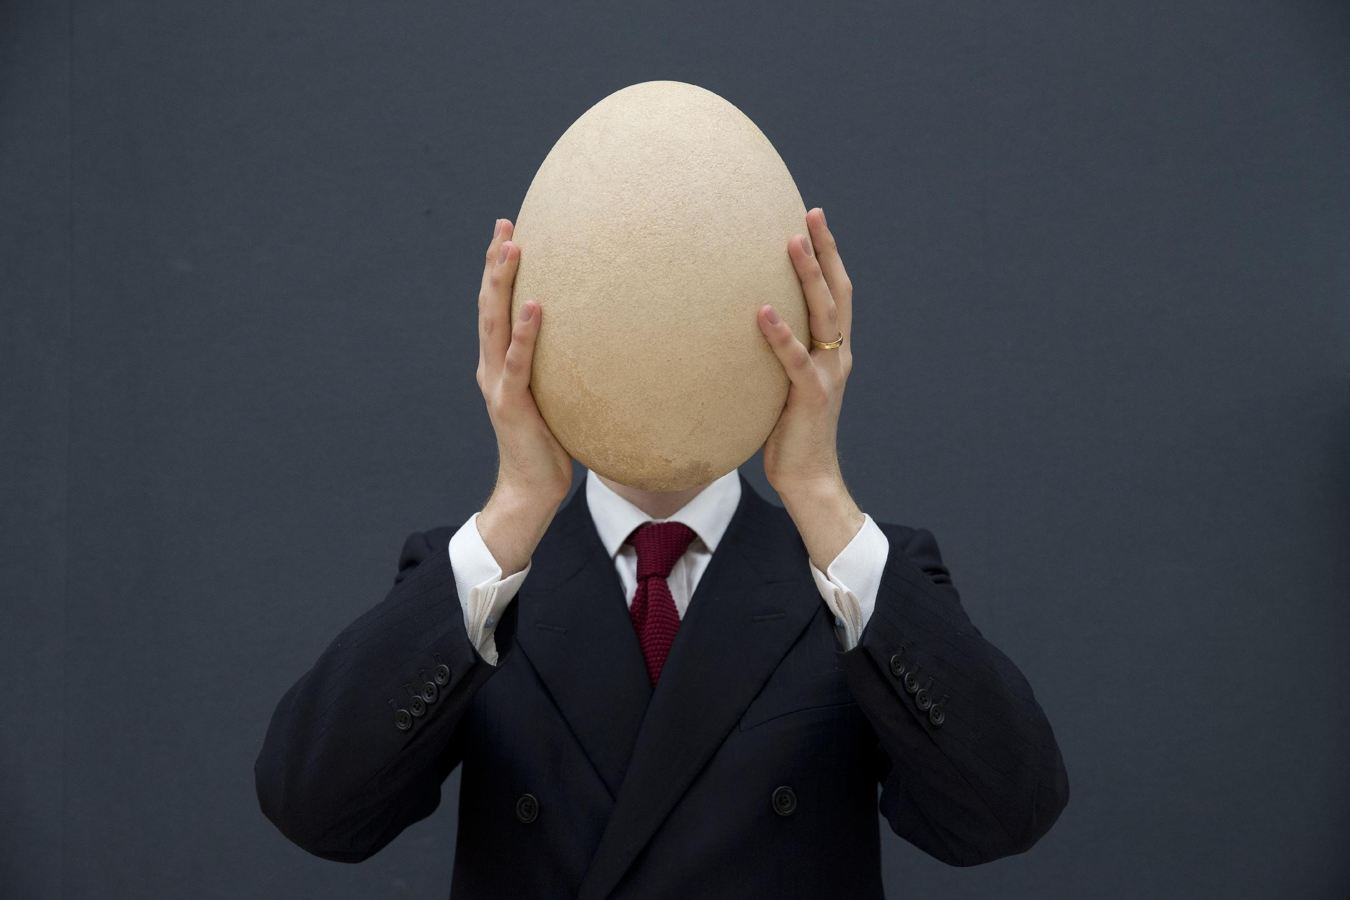 Самые большие яйца у мальчиков фото 9 фотография